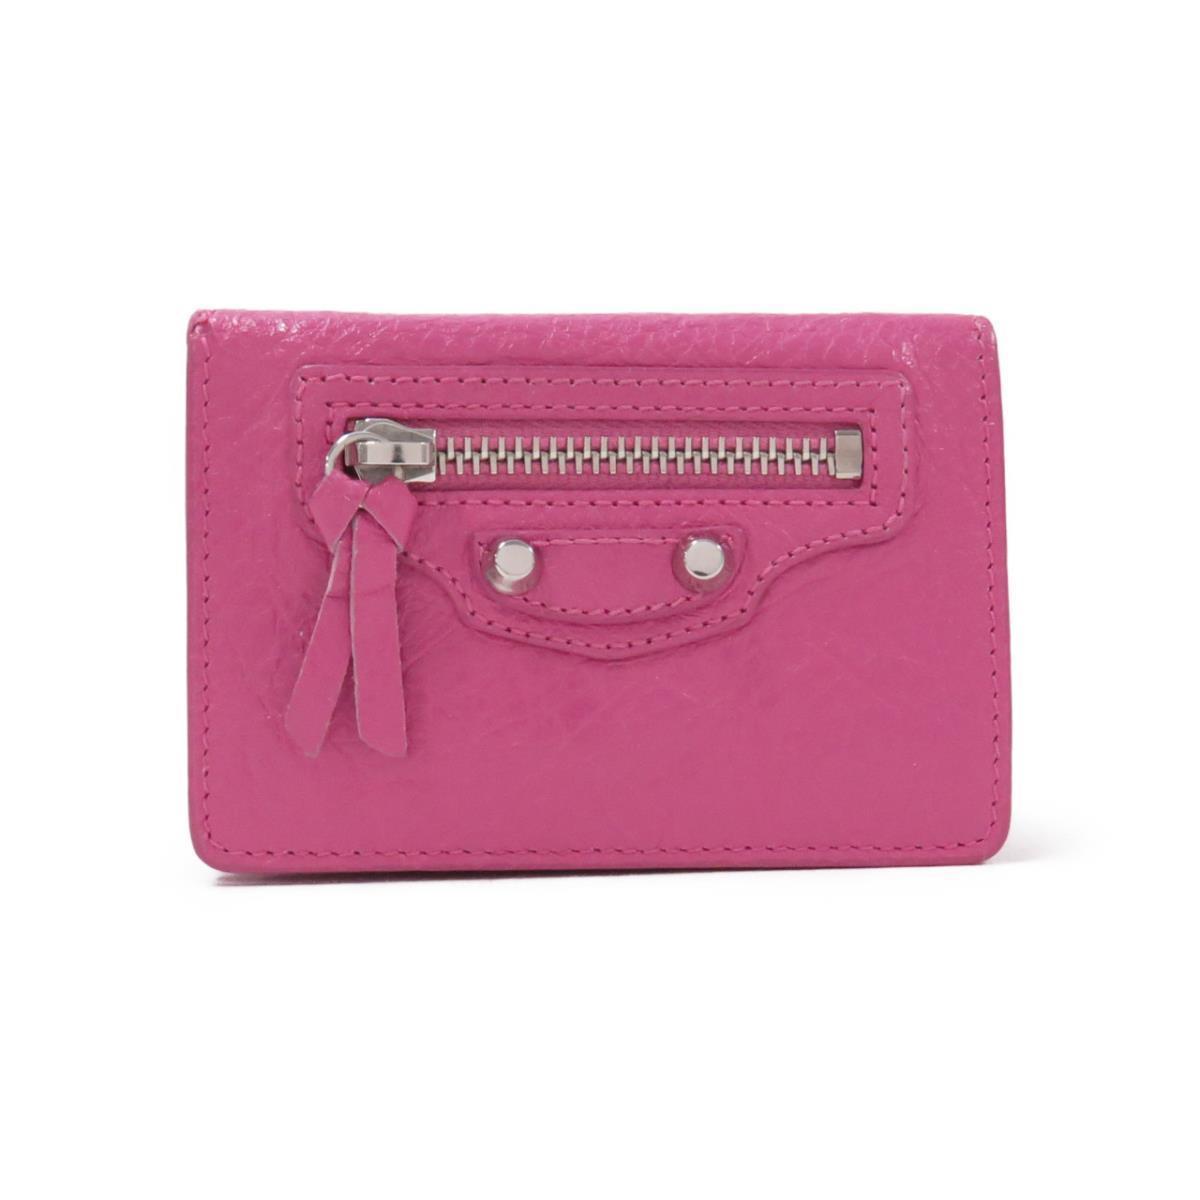 ピンクのバレンシアガのミニ財布